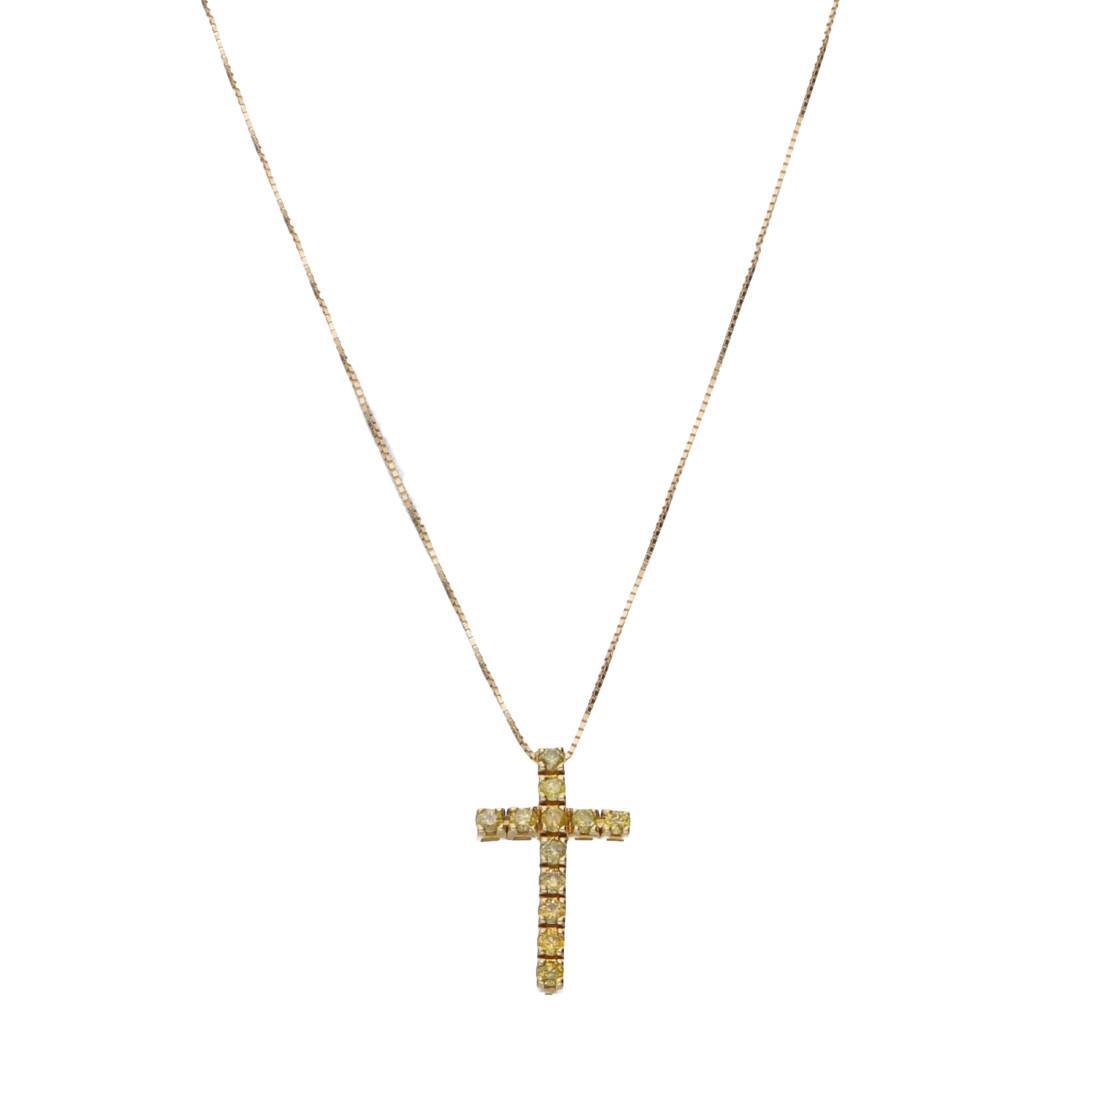 Collana croce in oro giallo con diamanti naturali gialli trattati - ALFIERI & ST. JOHN